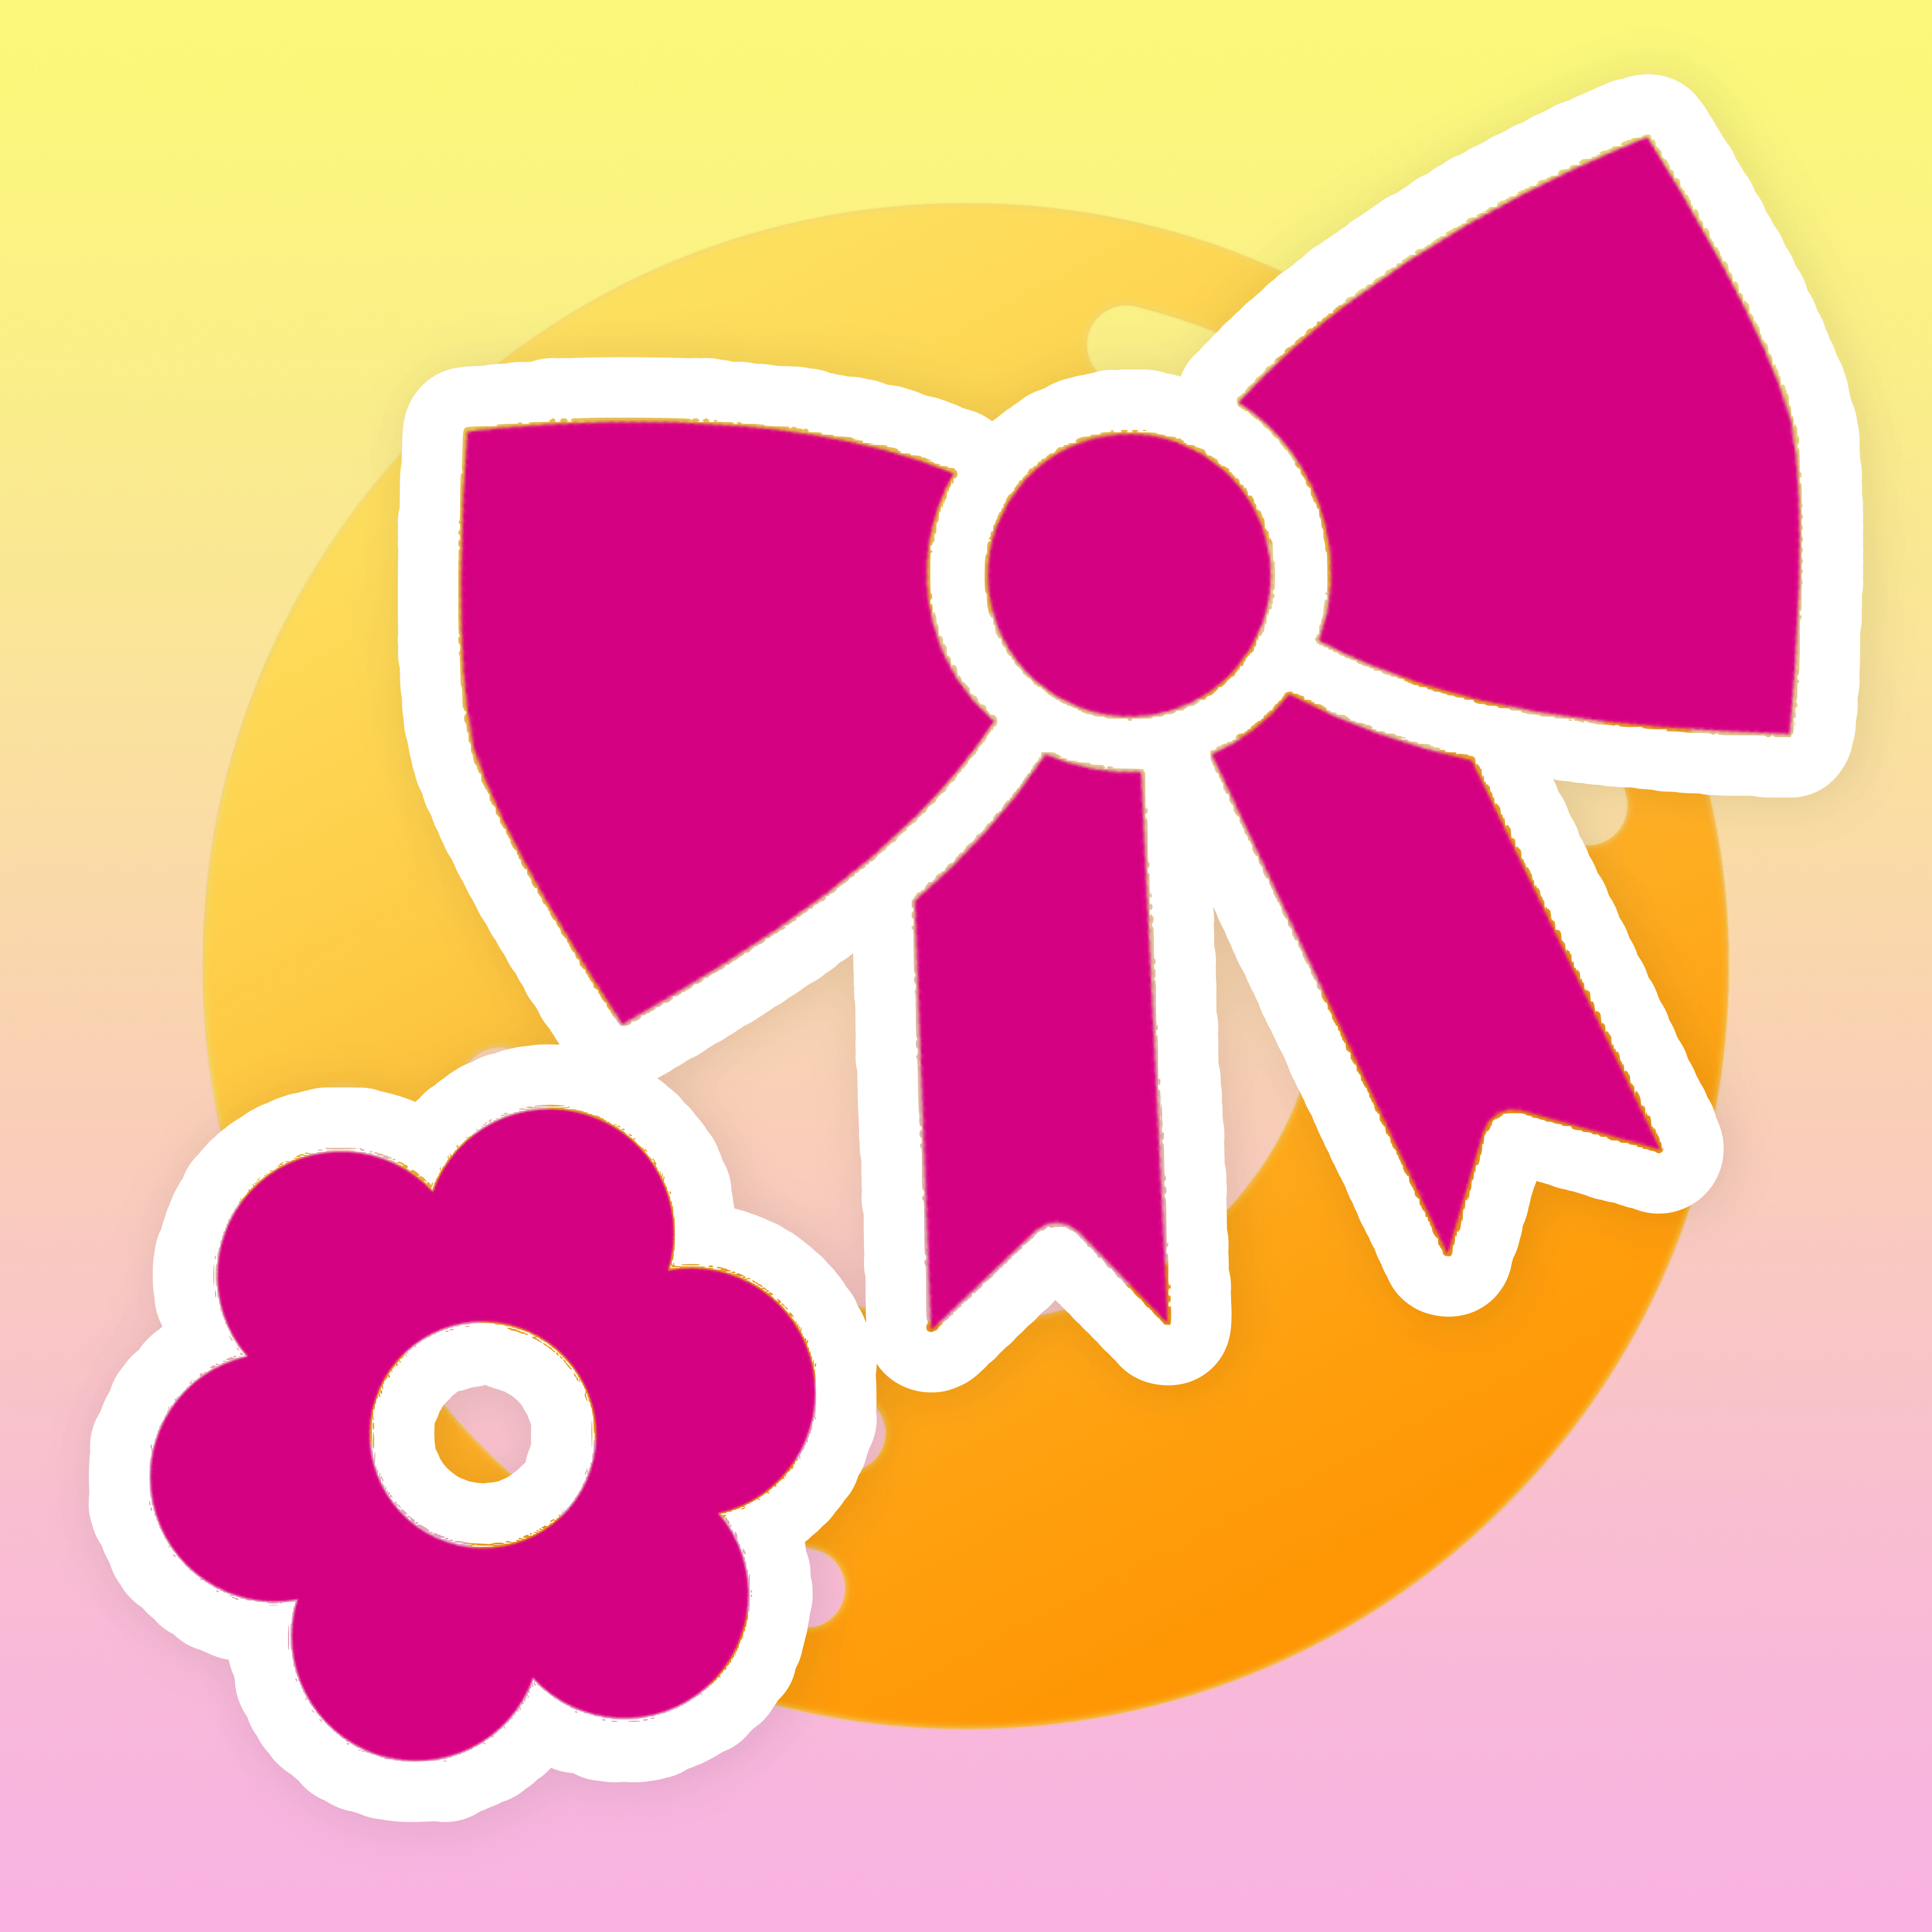 legoboy_20 avatar